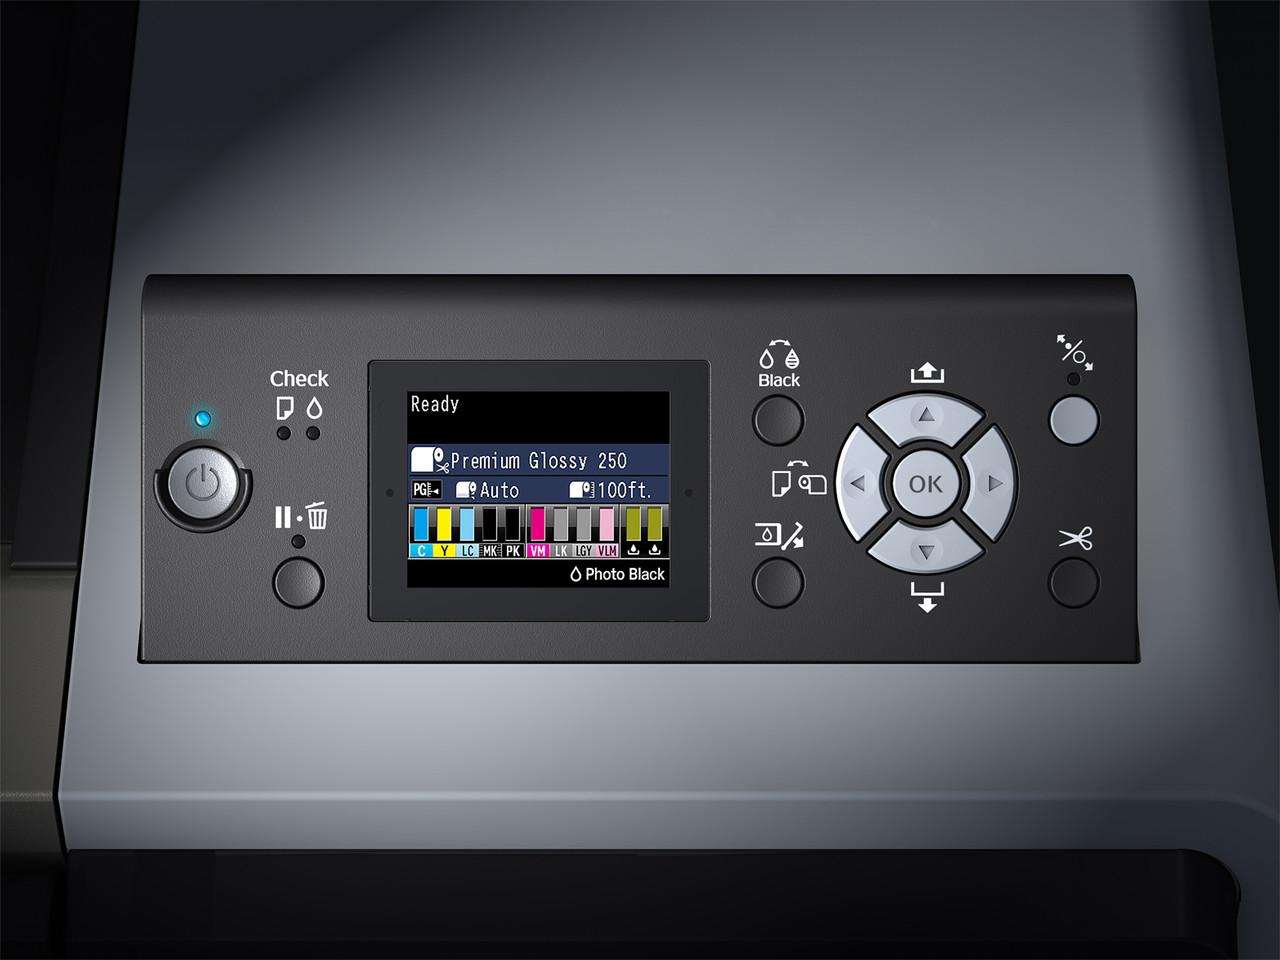 Epson SureColor P8000SE Control Panel